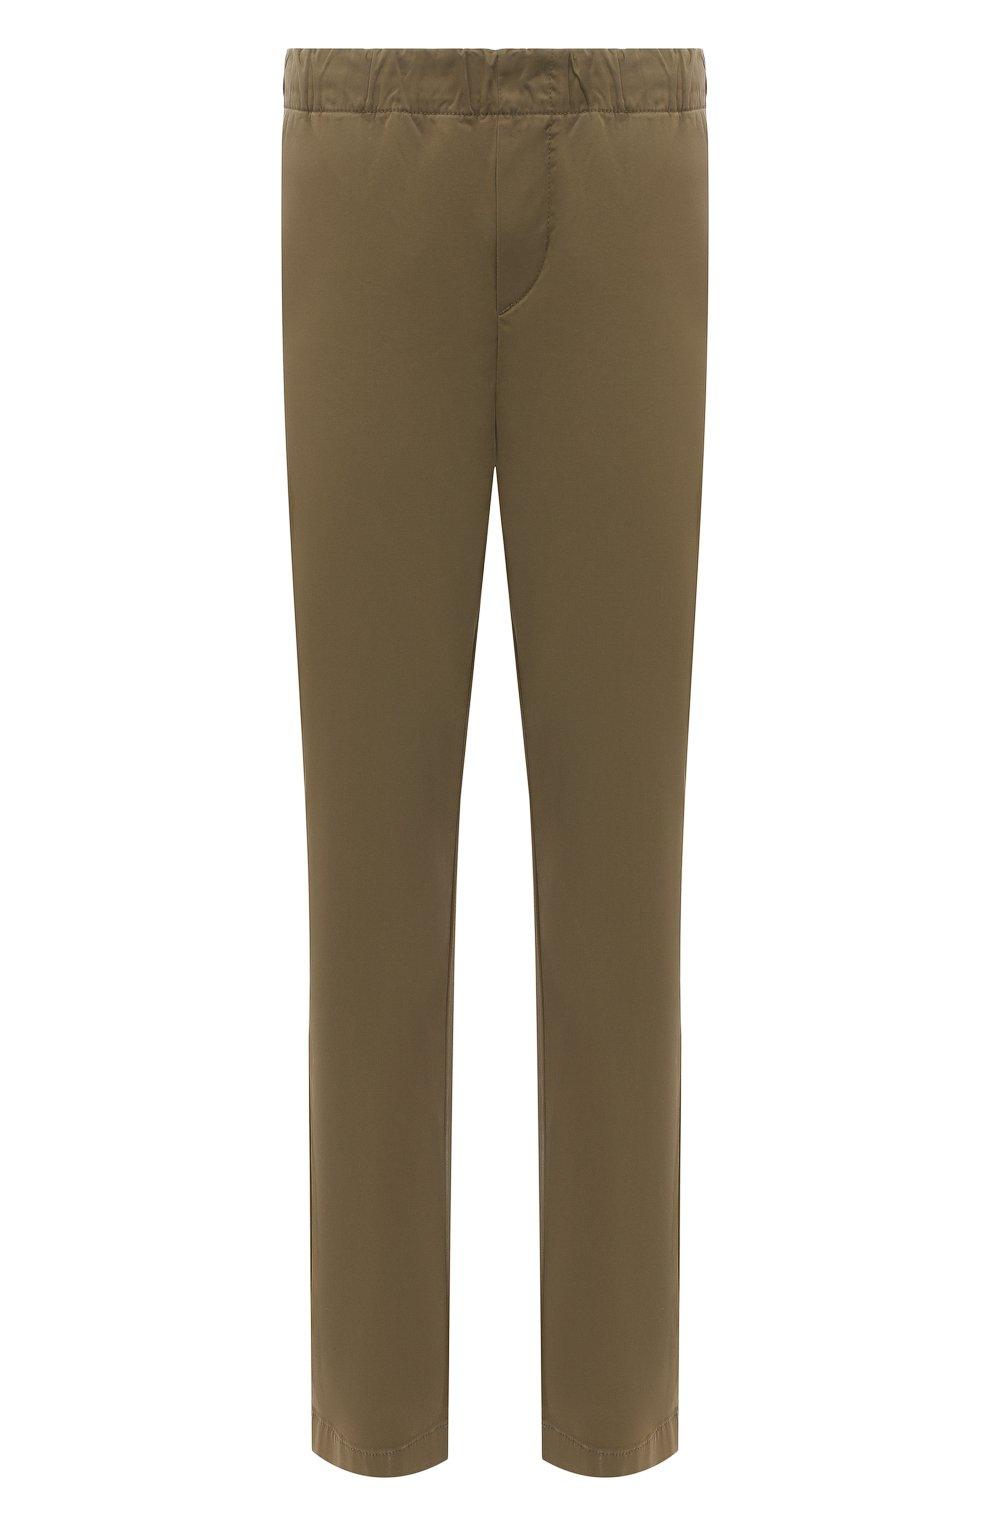 Мужские брюки 7 FOR ALL MANKIND хаки цвета, арт. JSCJB560FR   Фото 1 (Длина (брюки, джинсы): Стандартные; Случай: Повседневный; Материал внешний: Синтетический материал, Хлопок; Стили: Кэжуэл)